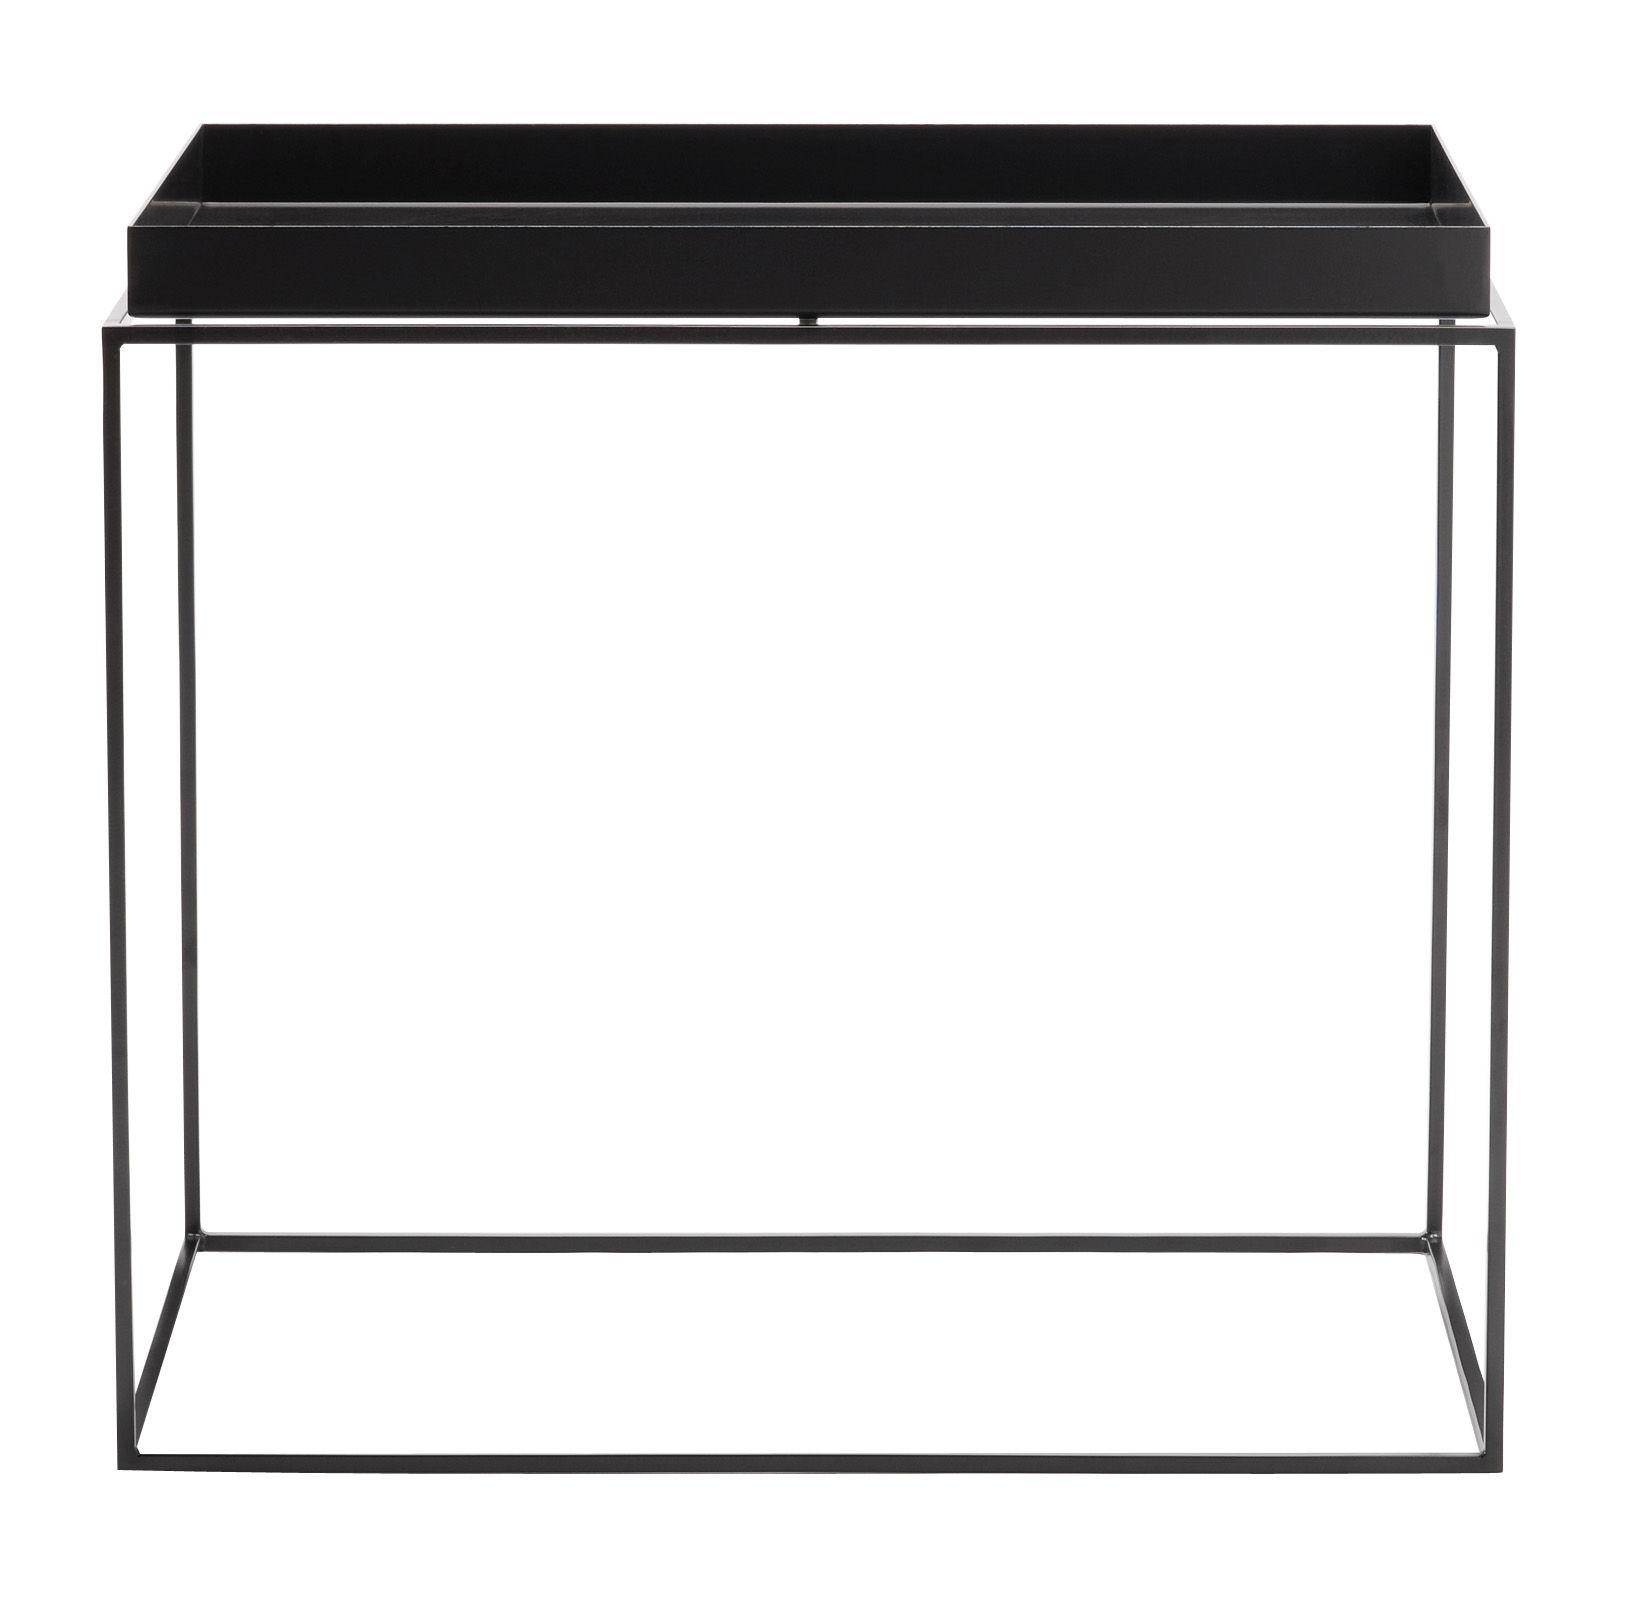 Mobilier - Tables basses - Table basse Tray H 50 cm / 60 x 40 cm - Rectangulaire - Hay - Noir - Acier laqué